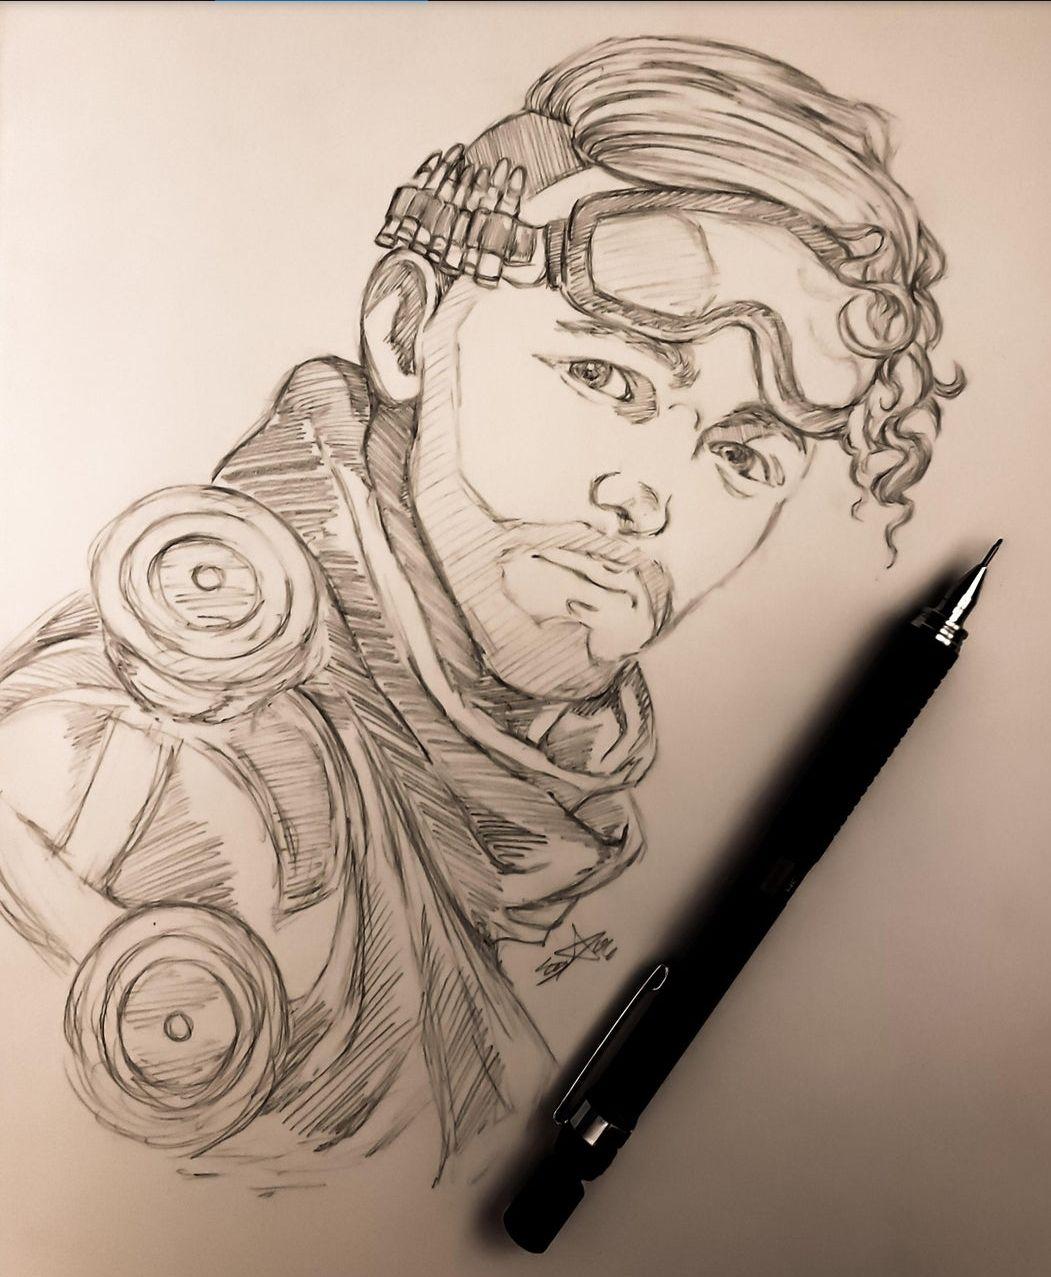 Gaming Pc Drawing : gaming, drawing, Mirage, Mirage,